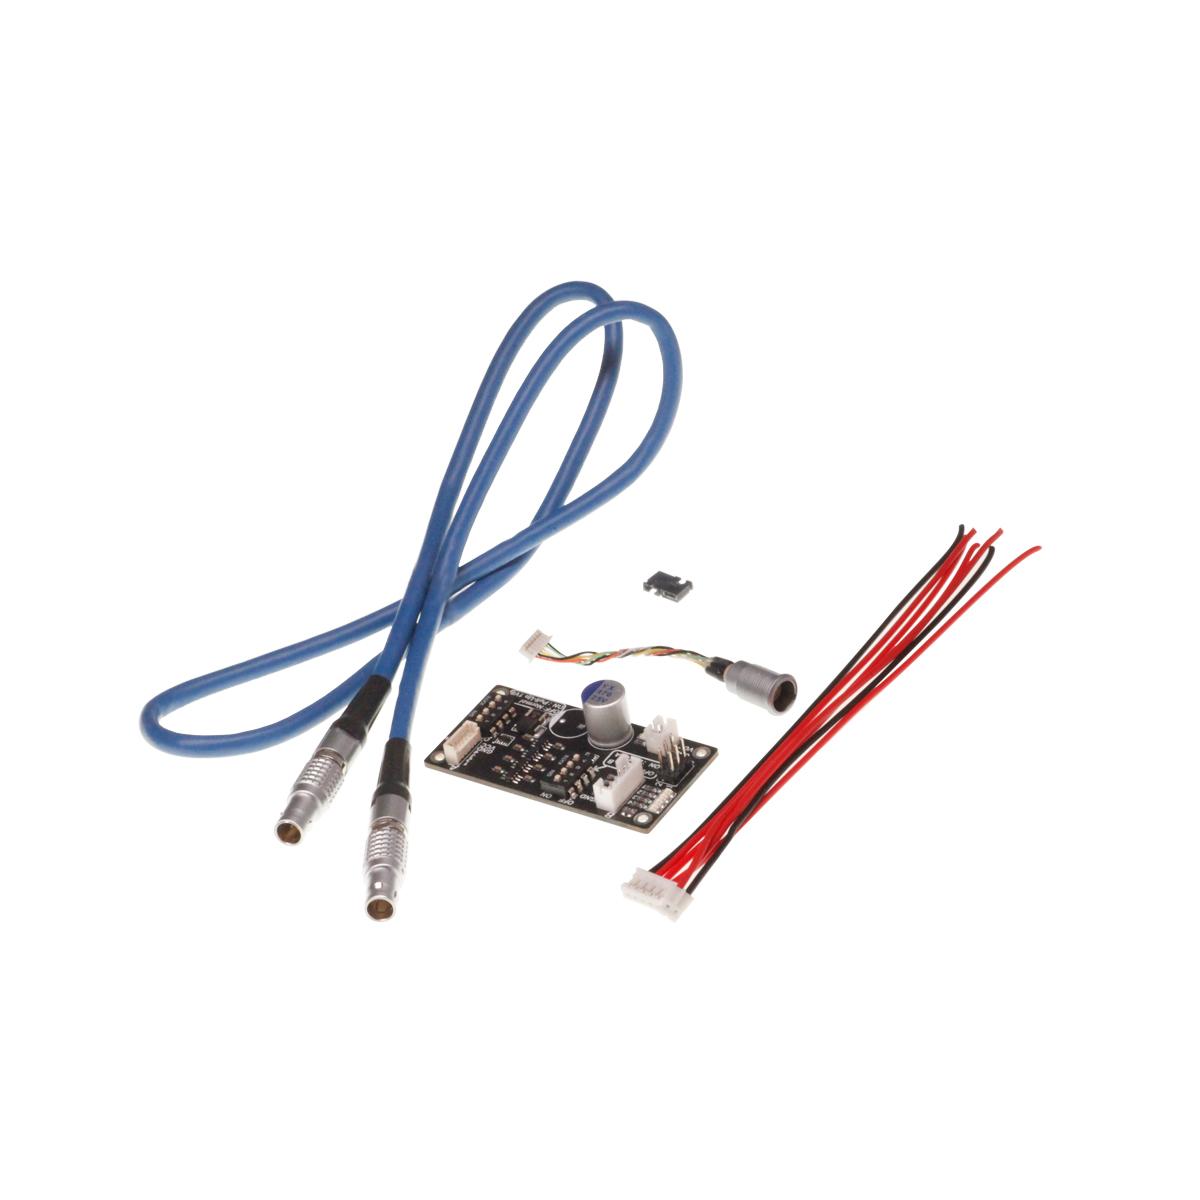 Level Convertor Board Kit (for Scientific Cameras)